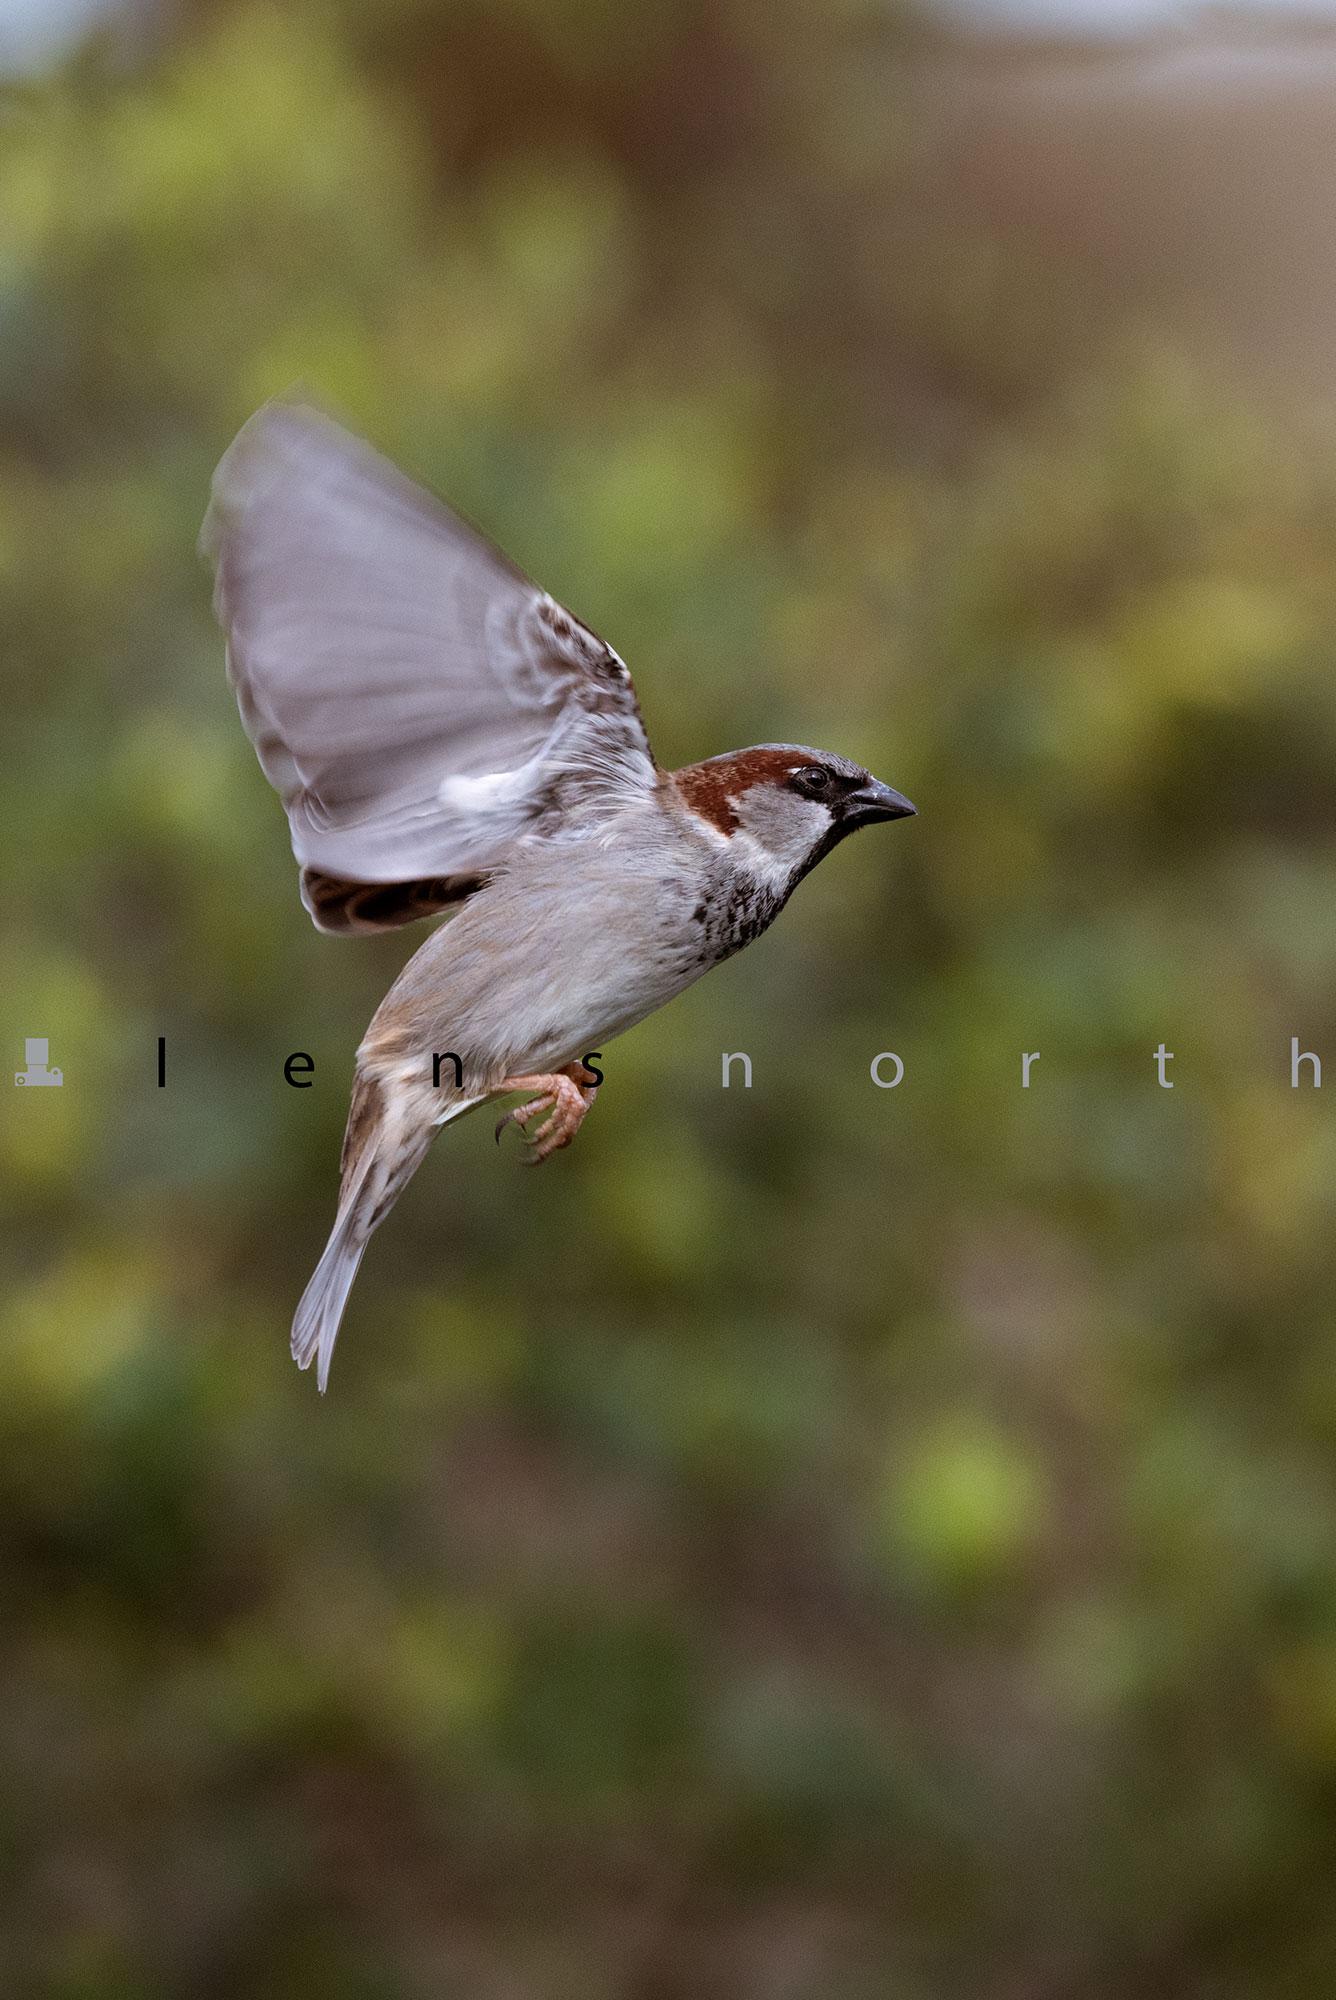 Sparrow hovering_DSC8666.jpg